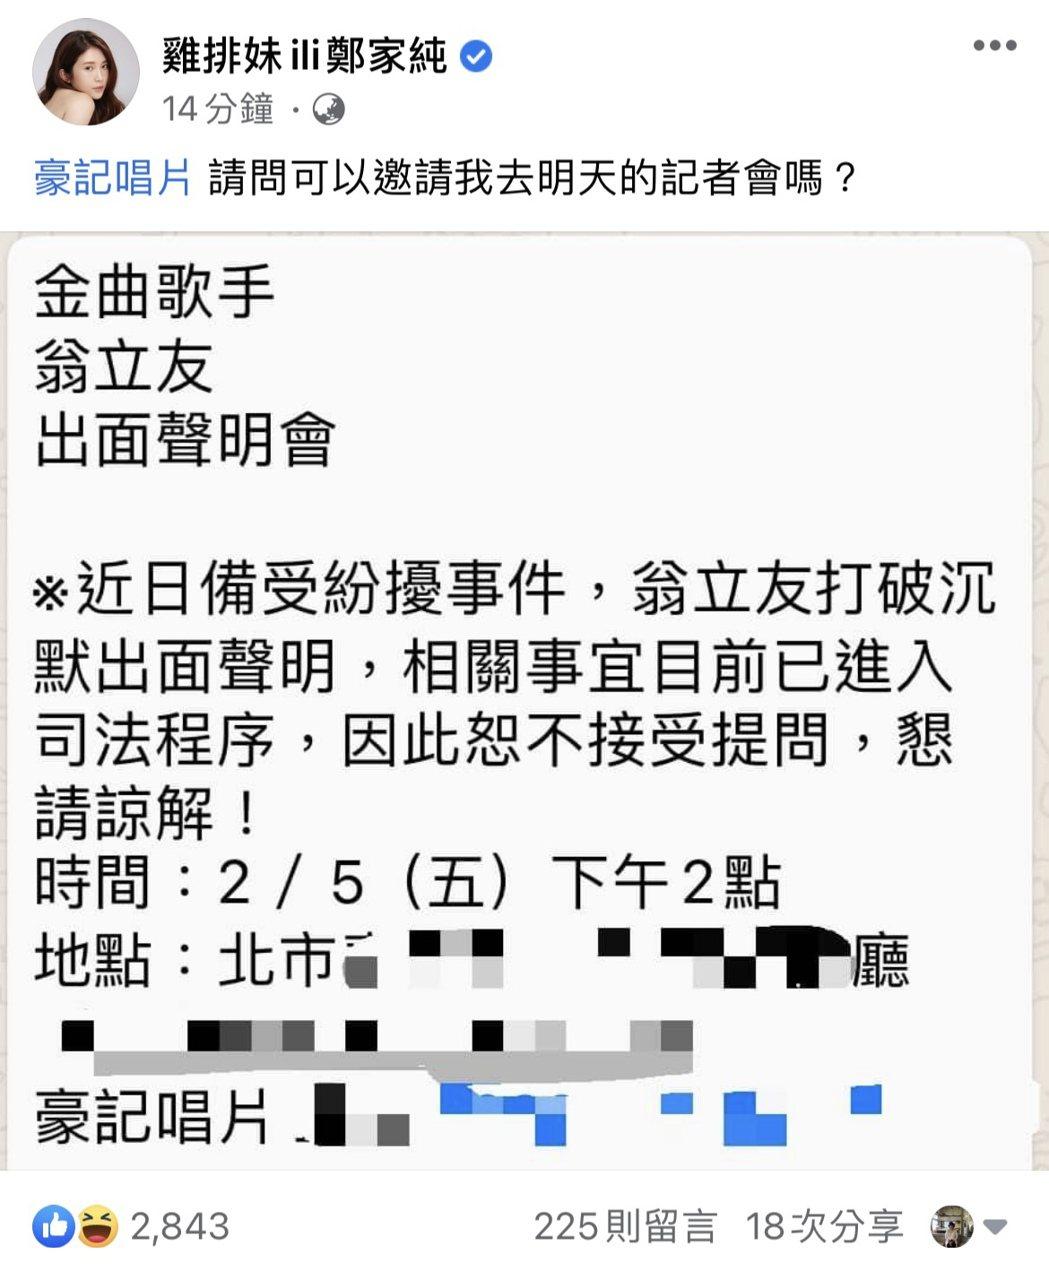 雞排妹分享翁立友記者會資訊,疑想當面對質。圖/摘自臉書